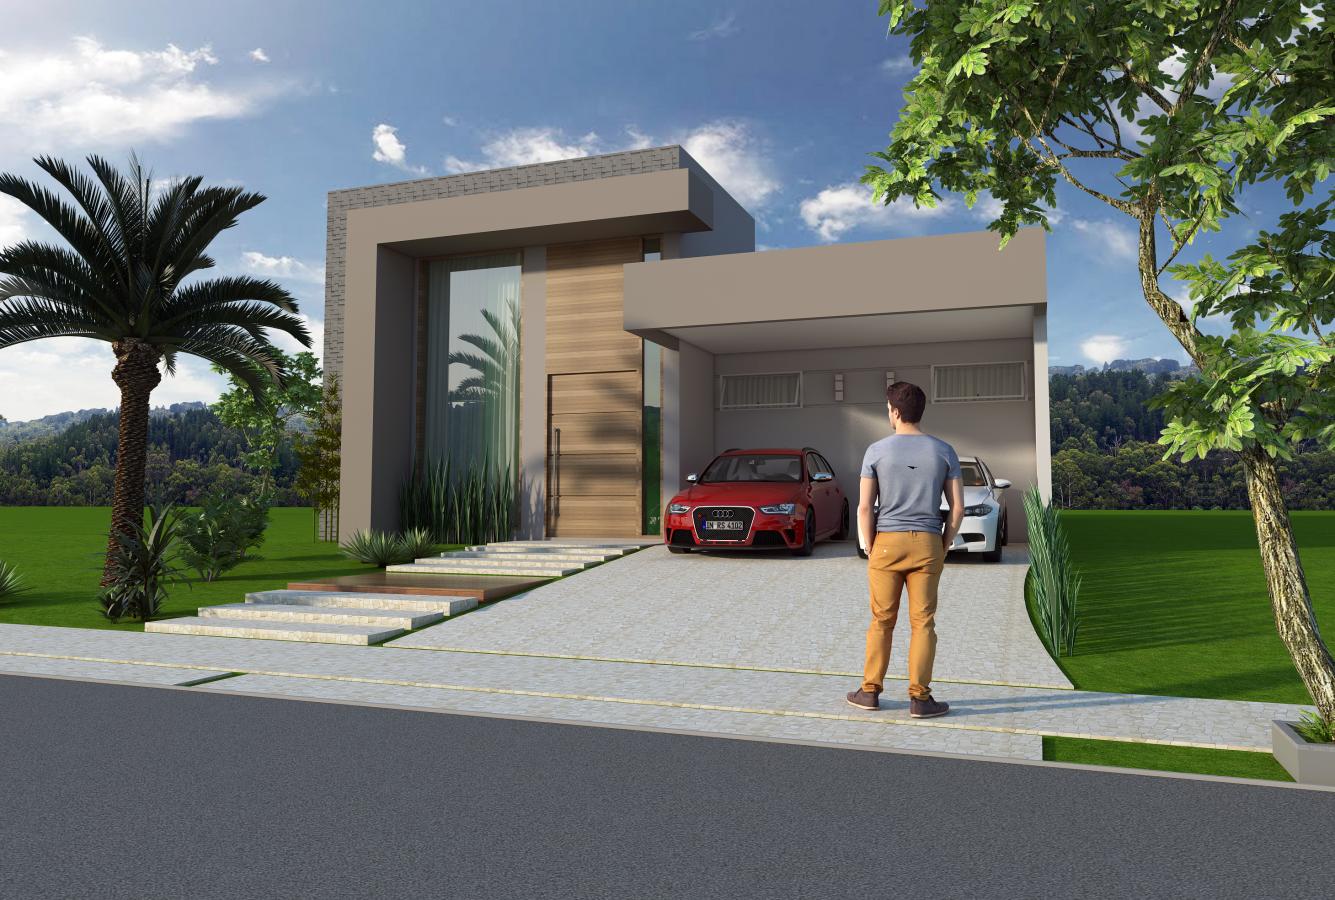 Projeto 140m2 casa t rrea fachada moderna linhas retas for Fachadas de casas modernas de 6 metros